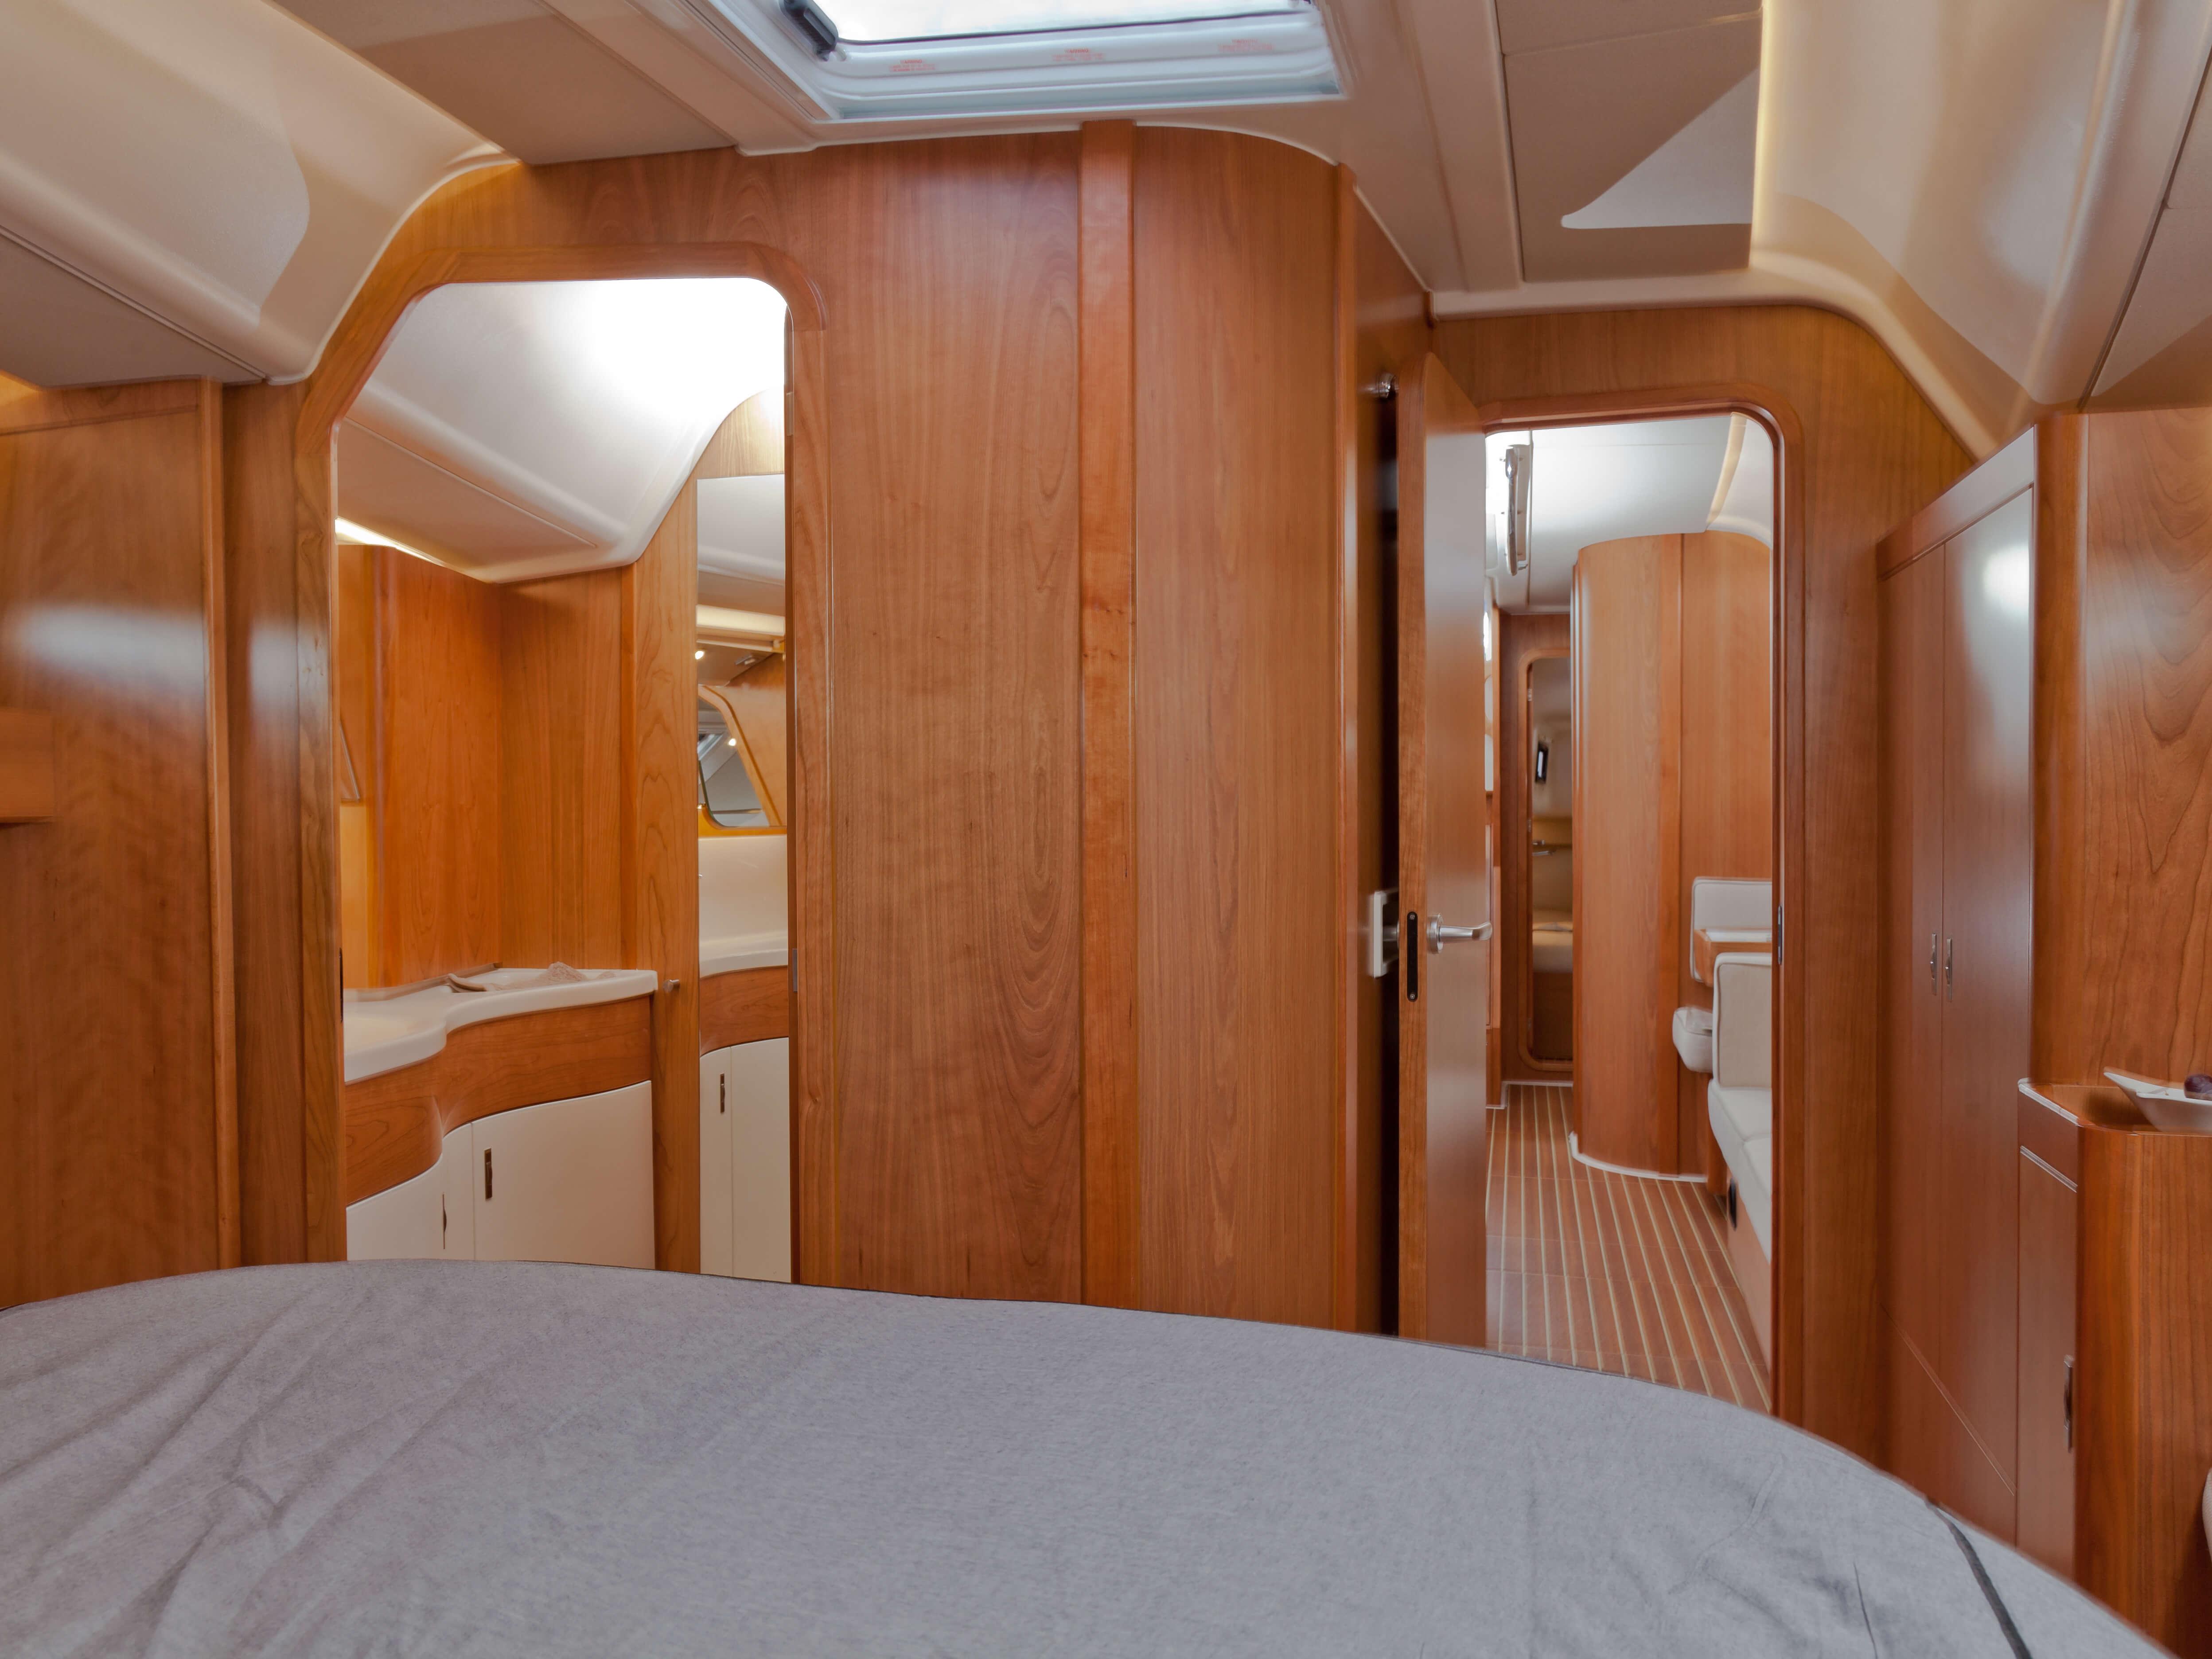 Dehler 46 Vista interior camarote de armador | cama doble, compartimento de almacenamiento, WC | Dehler